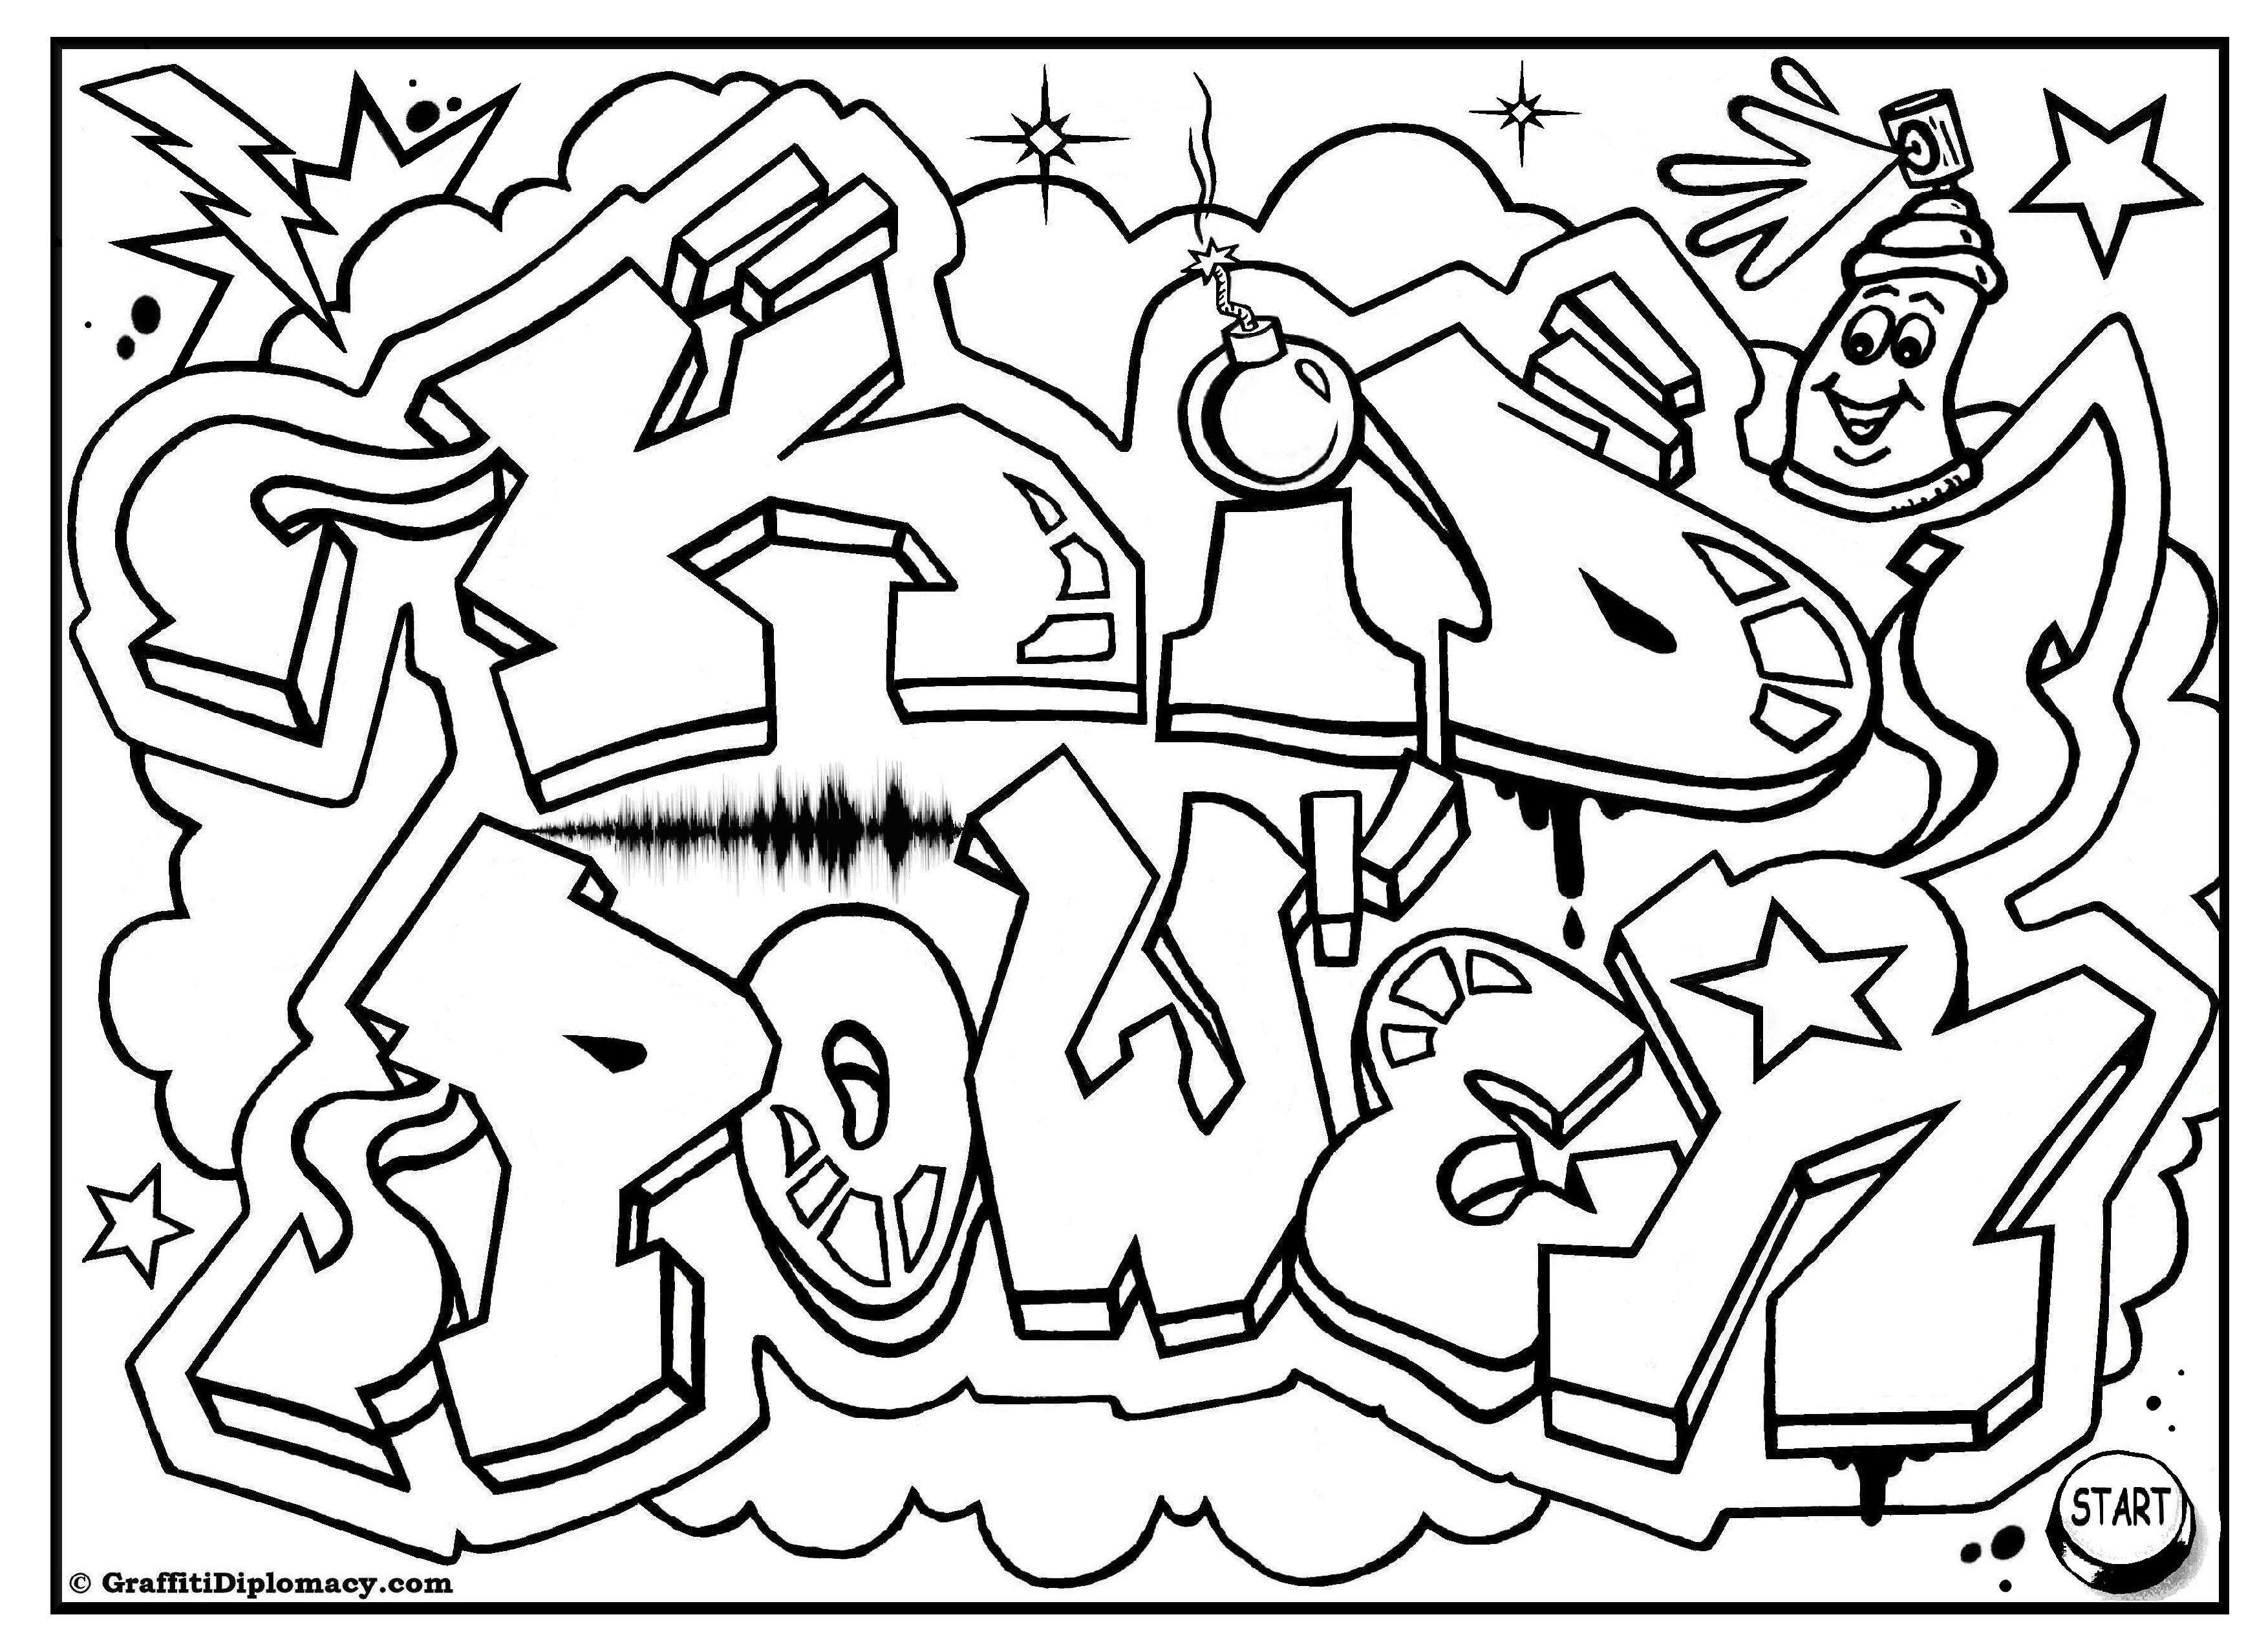 Street Art Graffiti Coloring Pages For Adults Schablonen Vorlagen Lesezeichen Vorlage Schulkunst